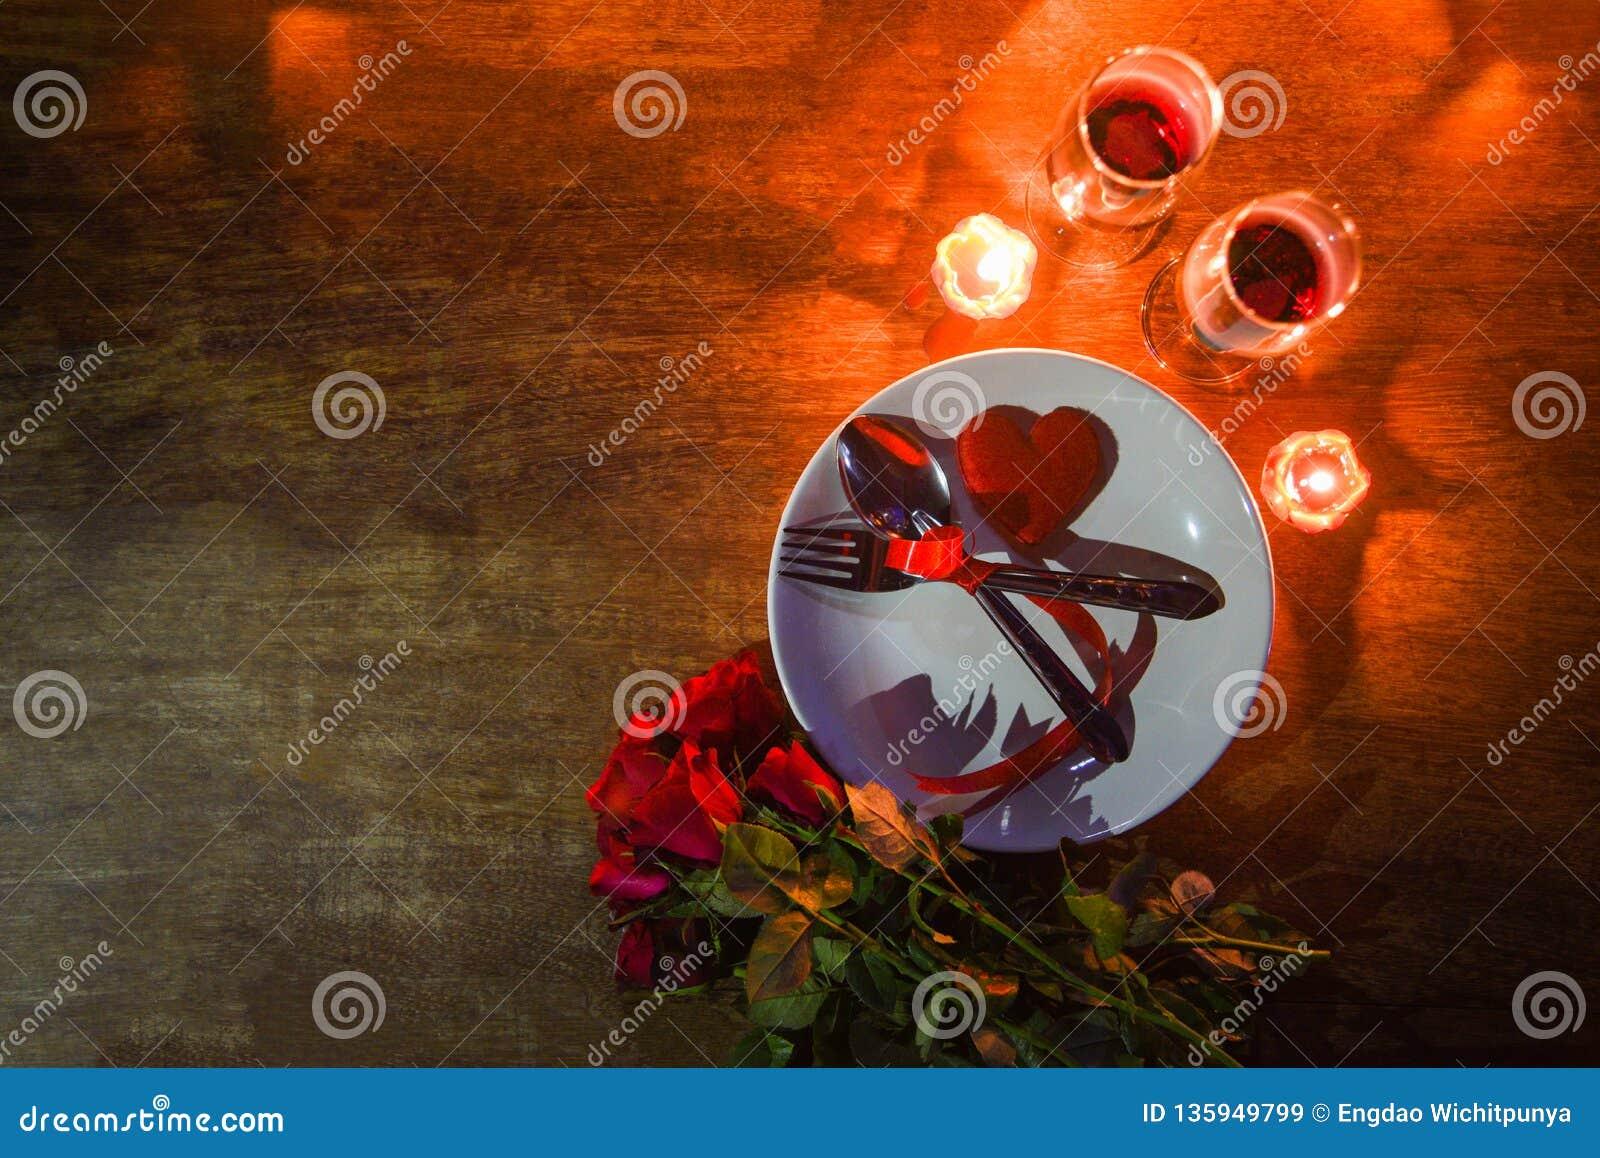 Ajuste conceptRomantic de la tabla del amor romántico de la cena de las tarjetas del día de San Valentín adornado con la cuchara